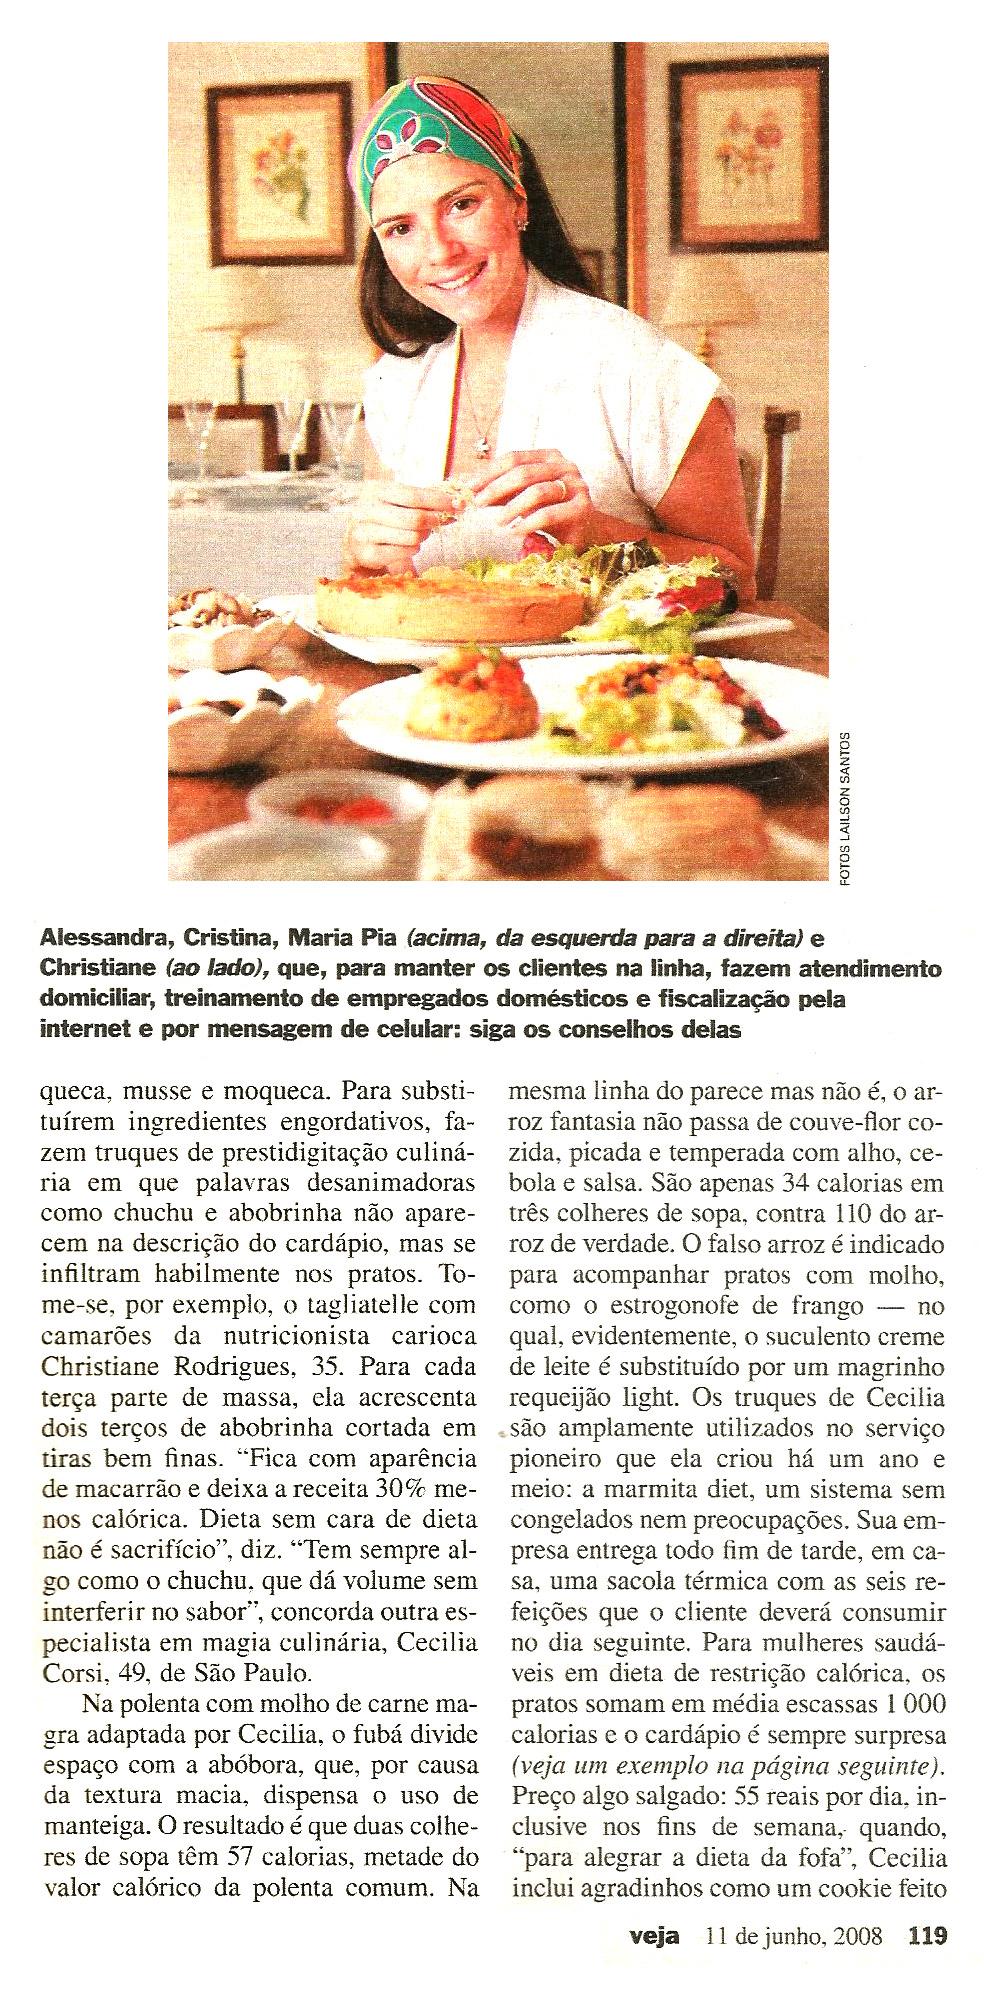 materia-revista-veja-magica-na-cozinha-maria-pia-pure-food-03.jpg